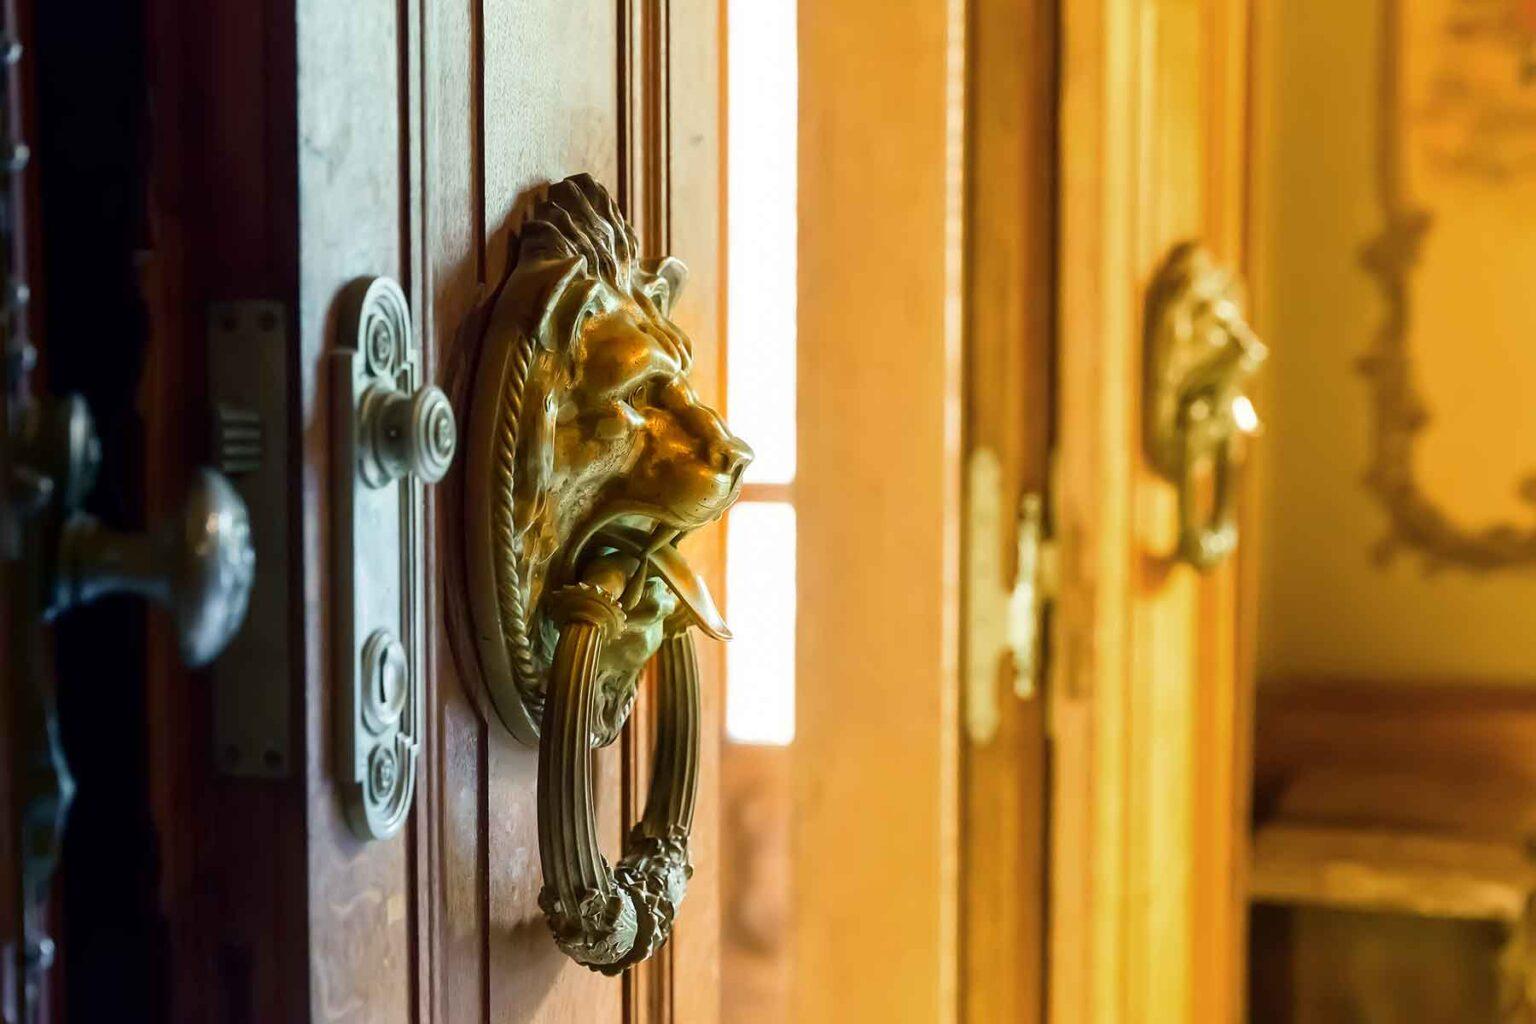 wooden-doors-P8TYLK4.jpg